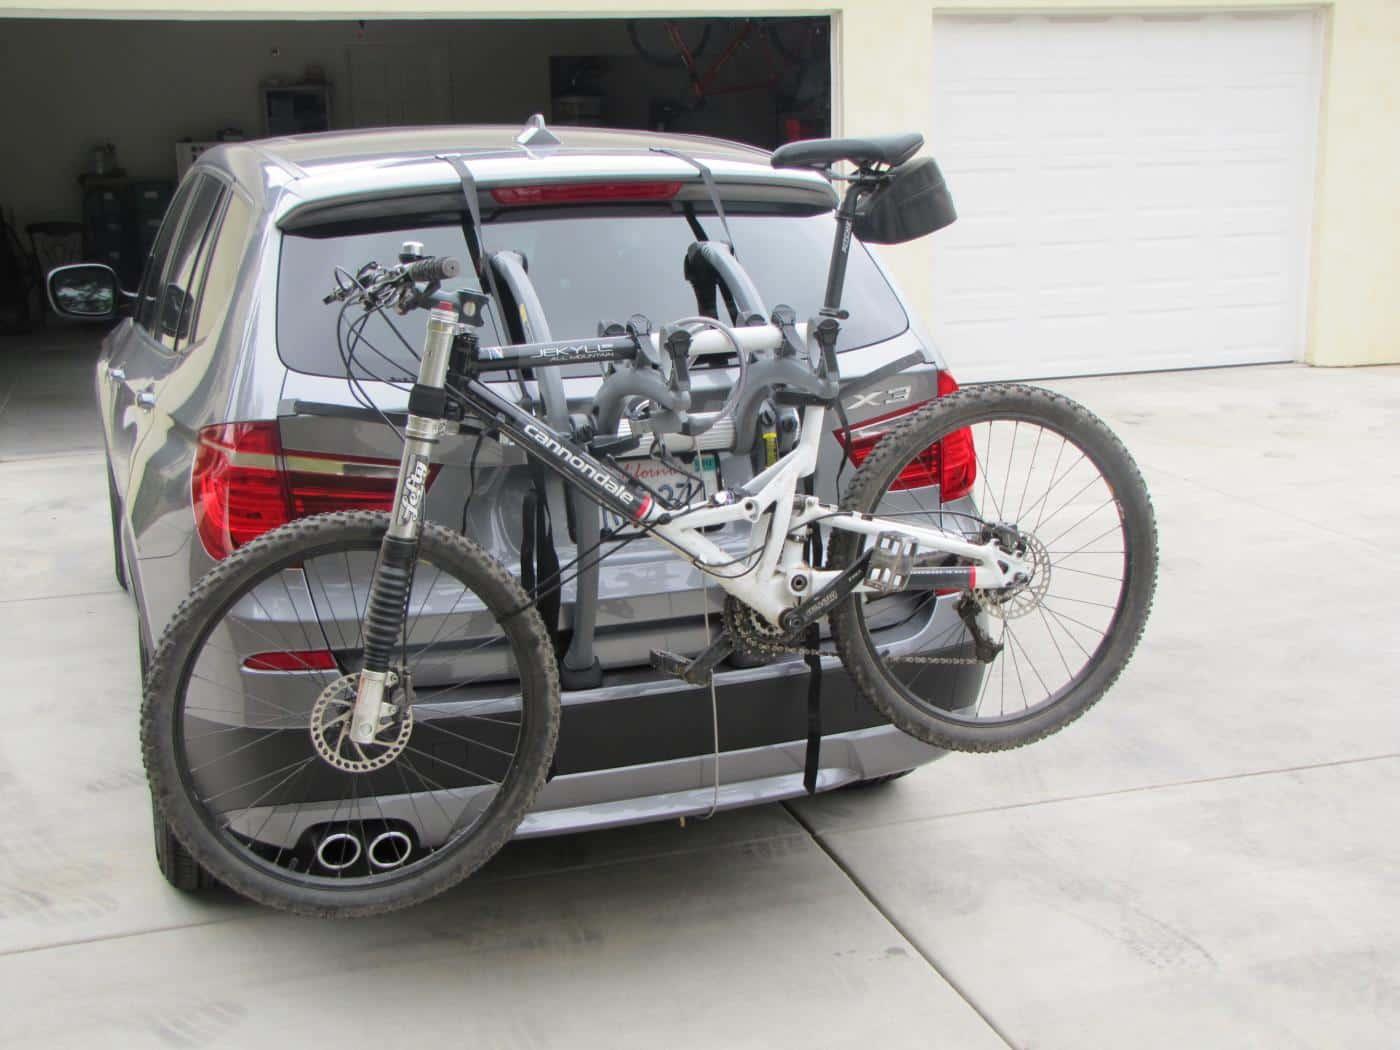 Volvo Xc90 Bike Carrier Car Bike Racks Amp Bike Carriers